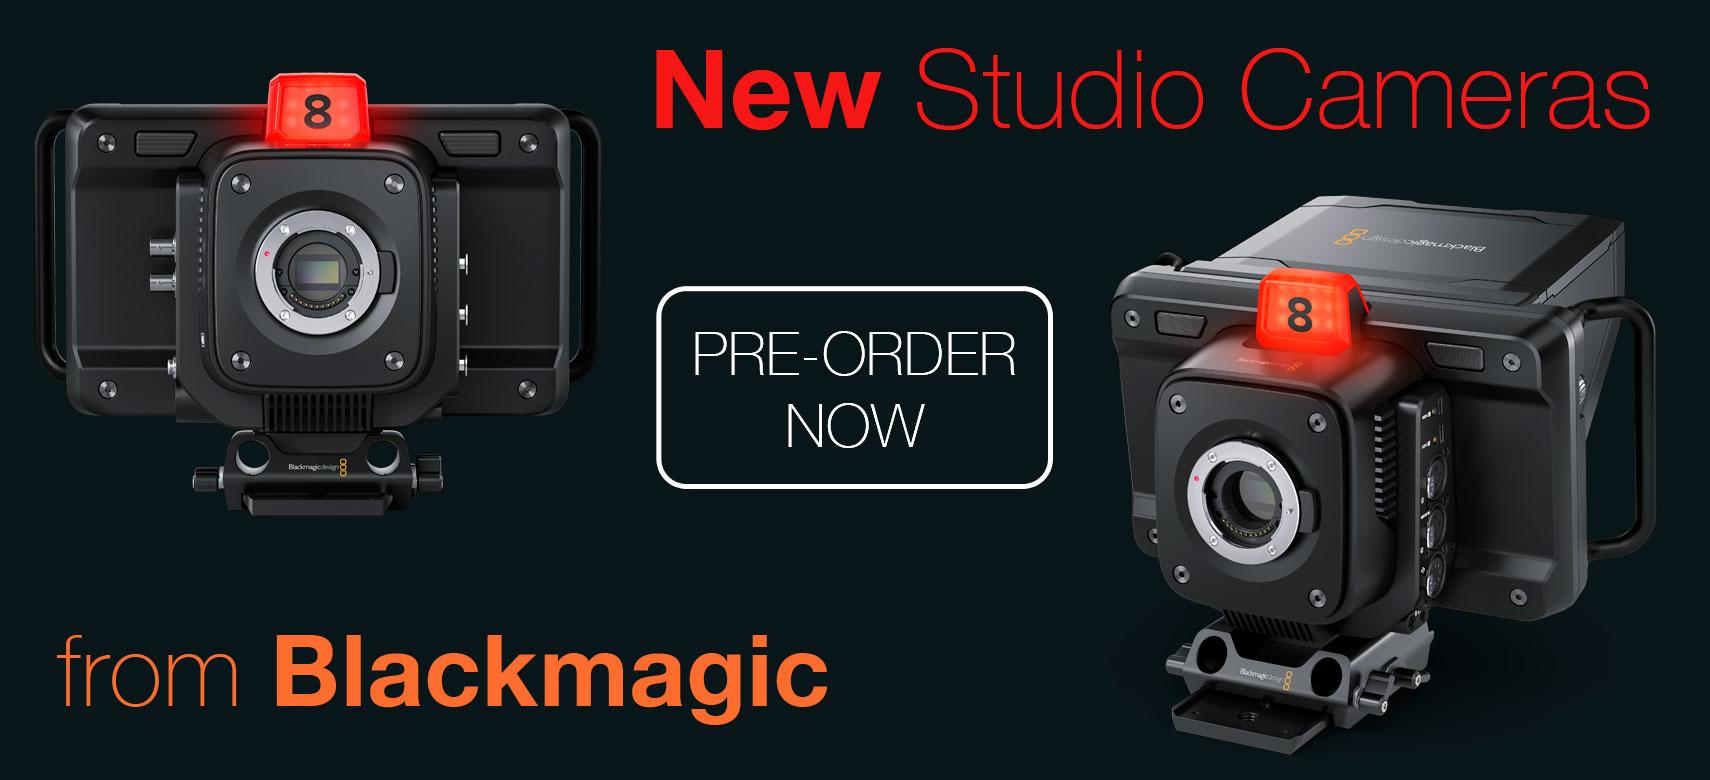 BMD Studio Camera 4K